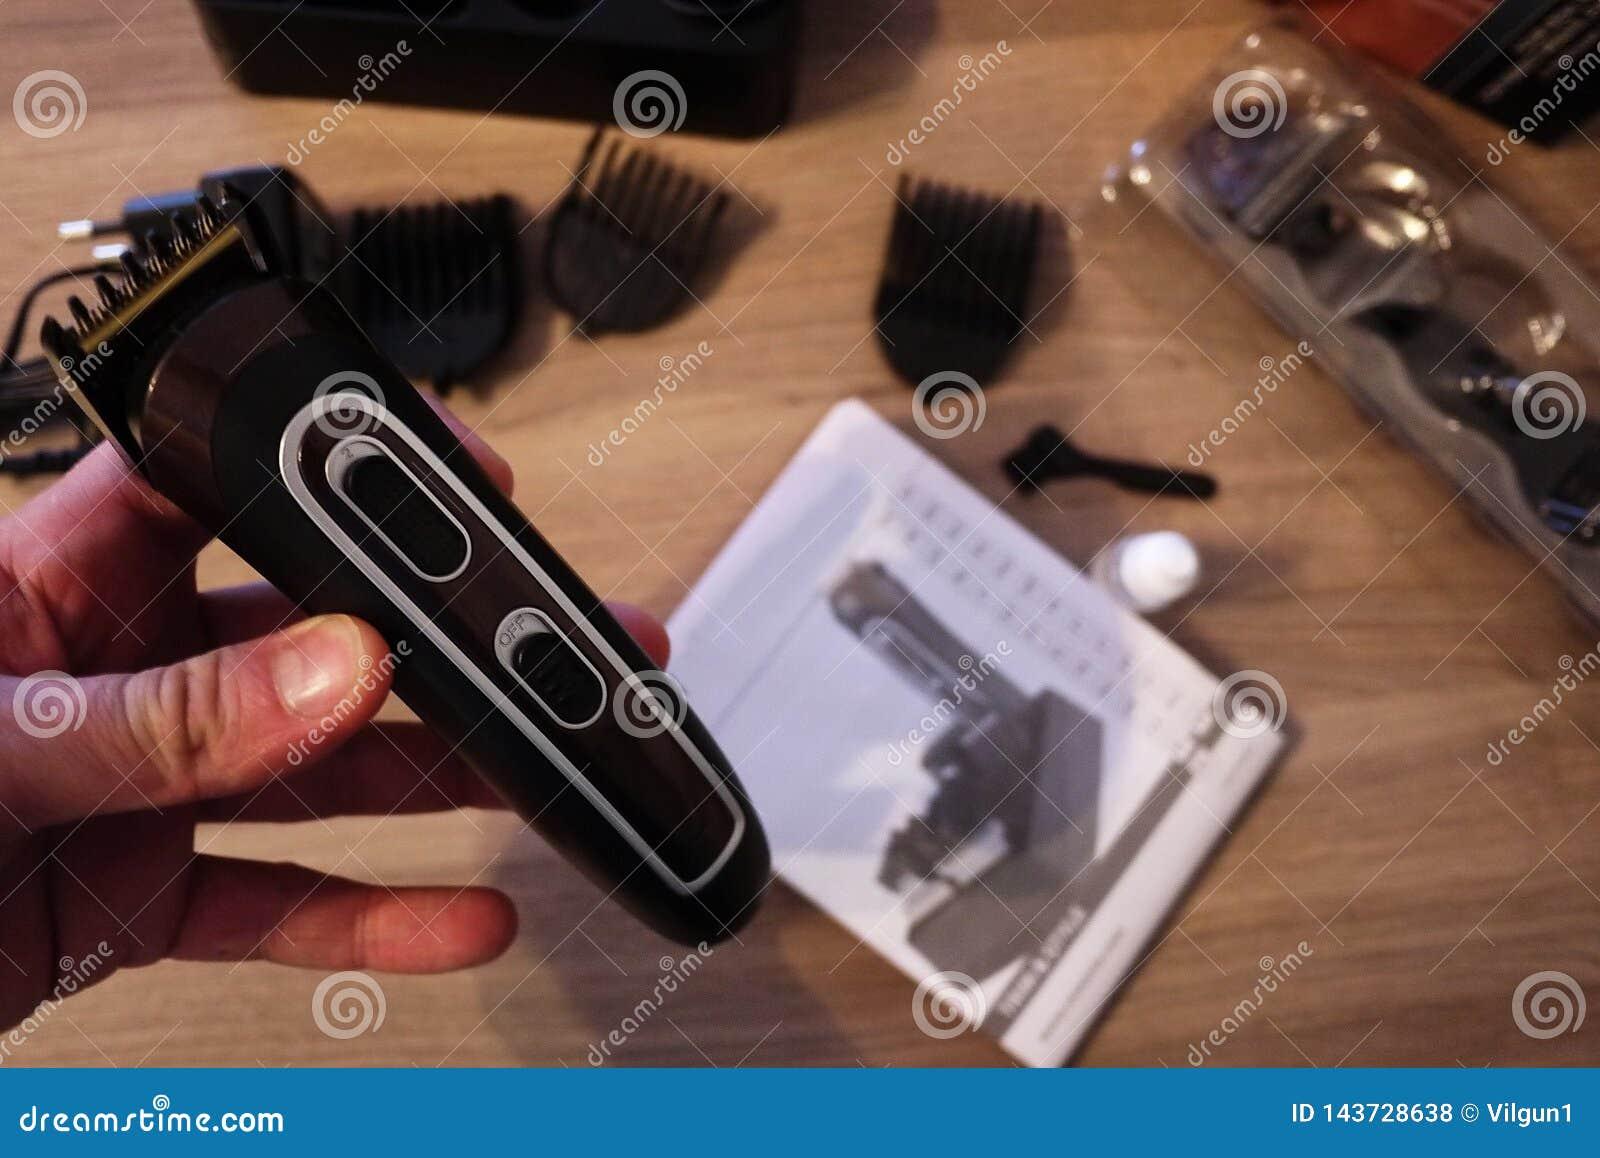 Scheerapparaat voor het scheren en kapsels, details en close-up